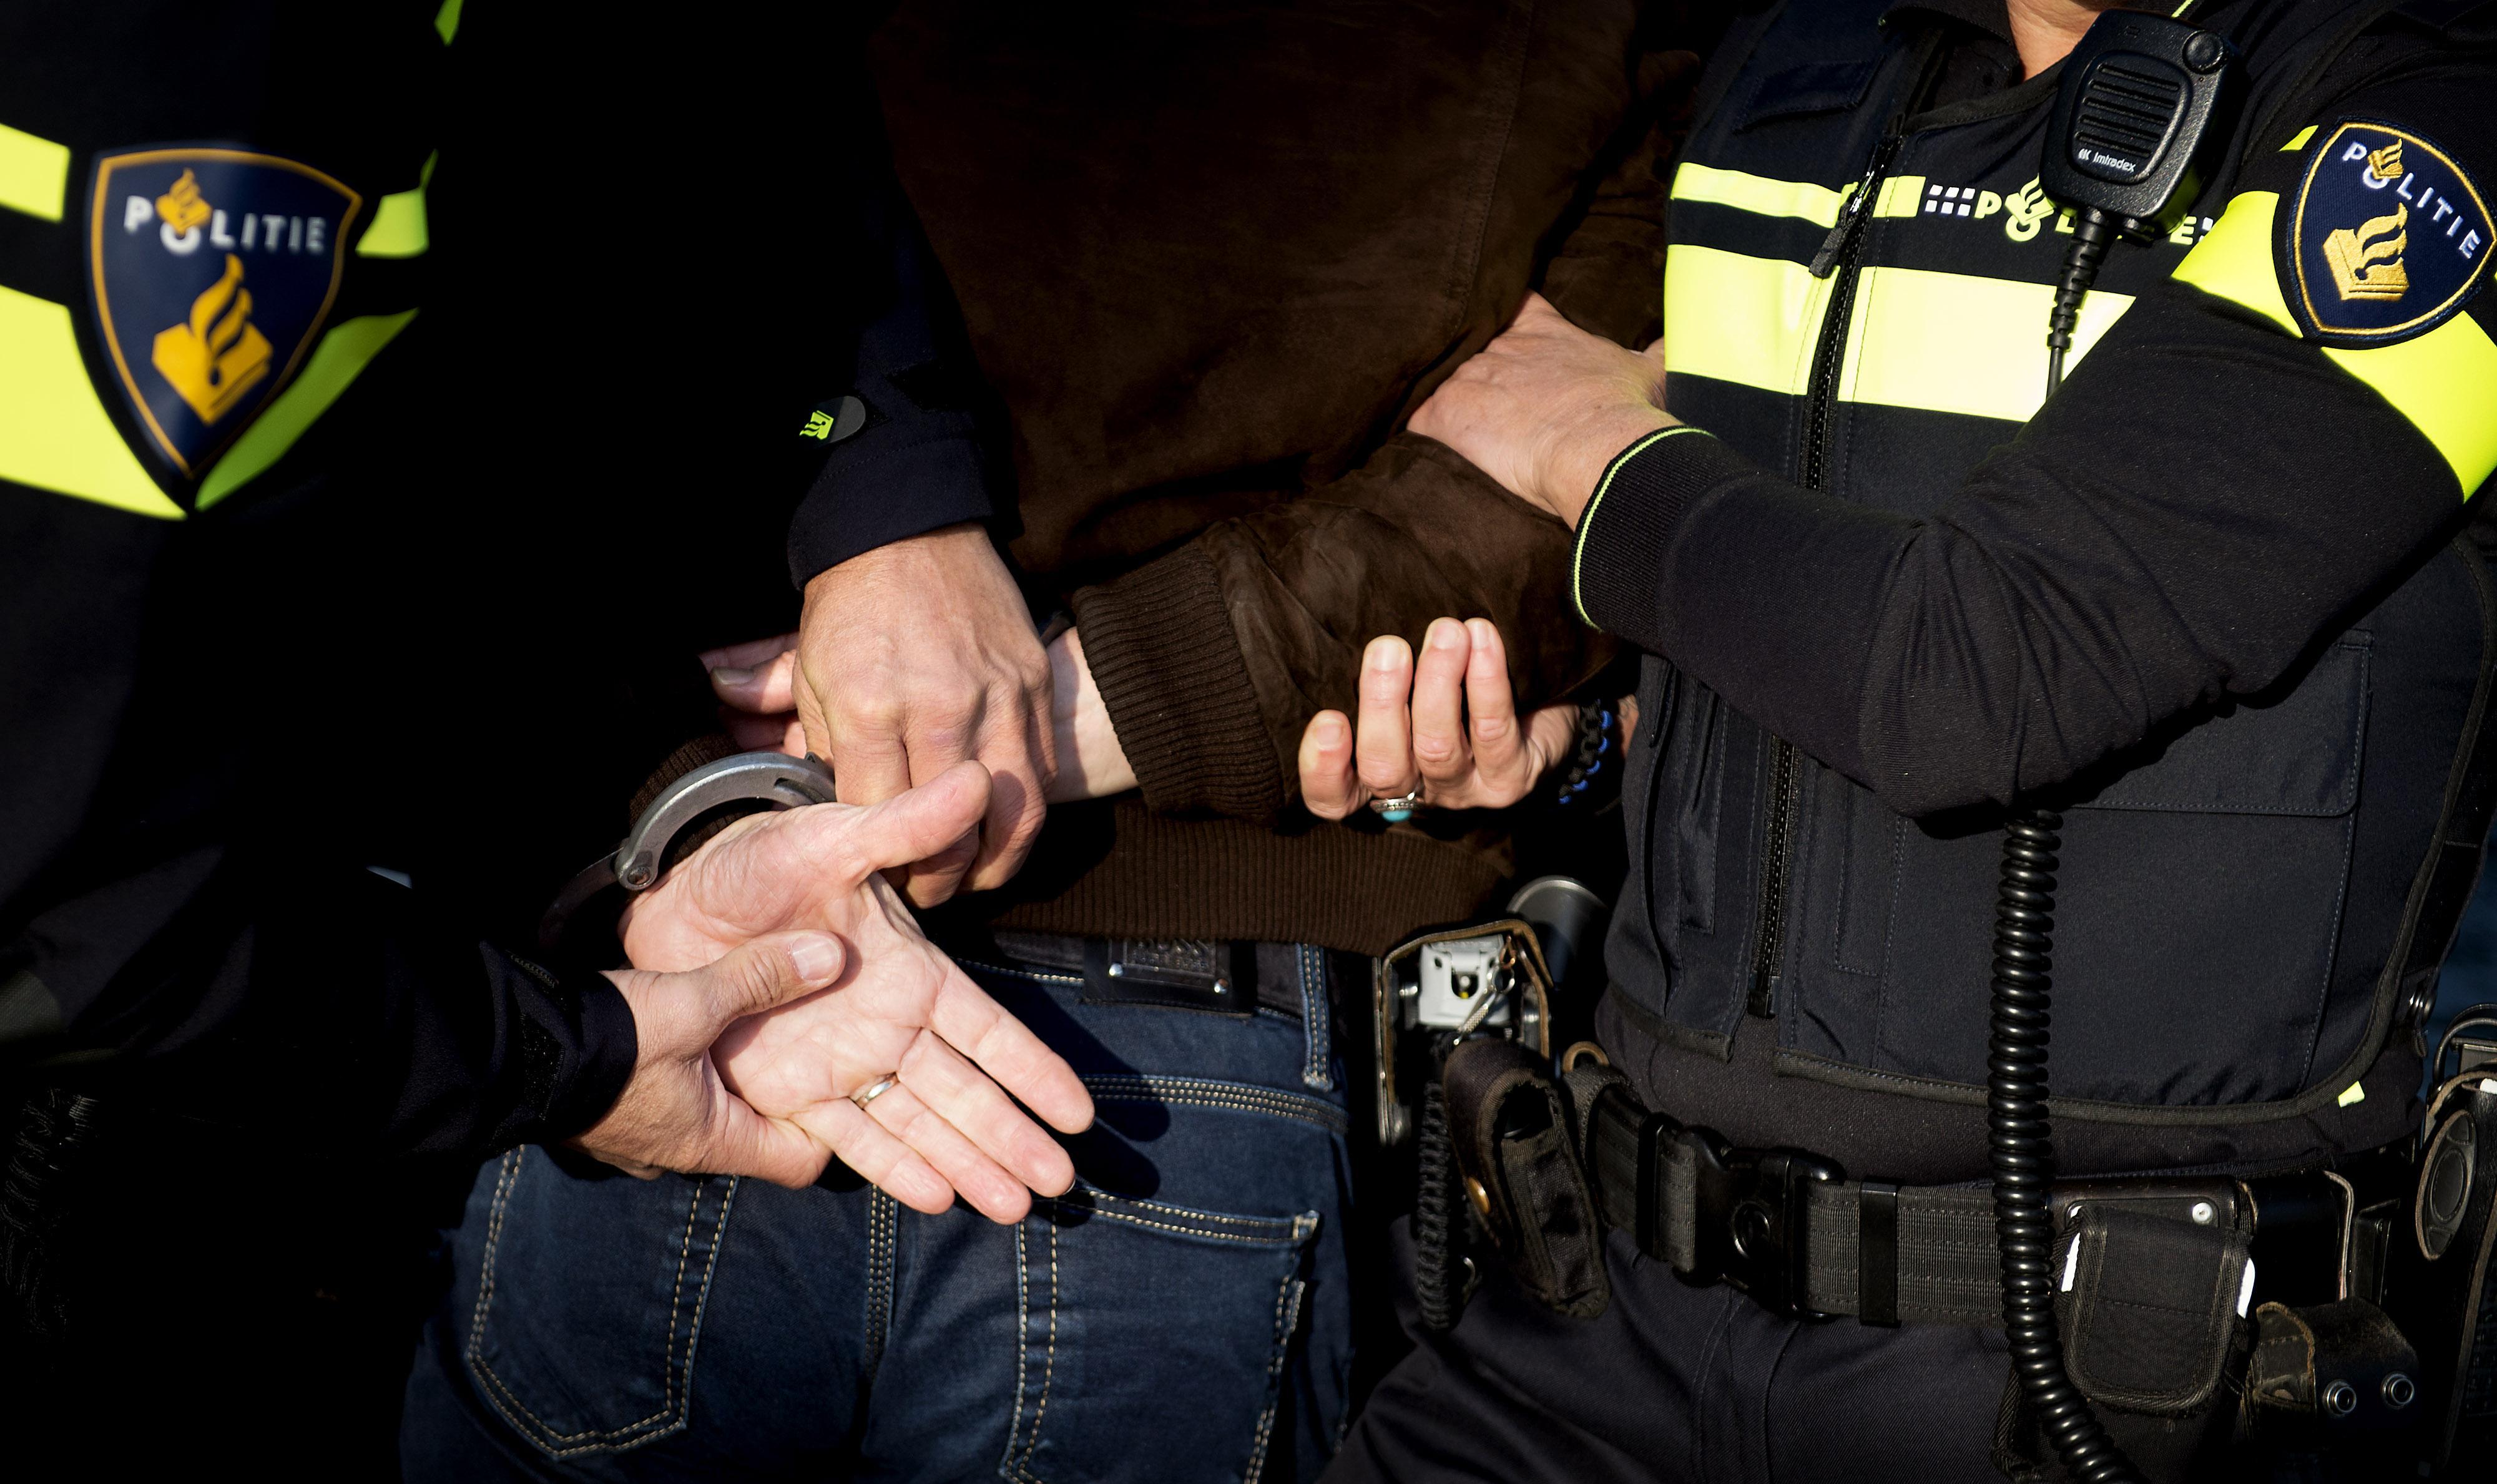 Vier tieners aangehouden na mishandeling in Naarden